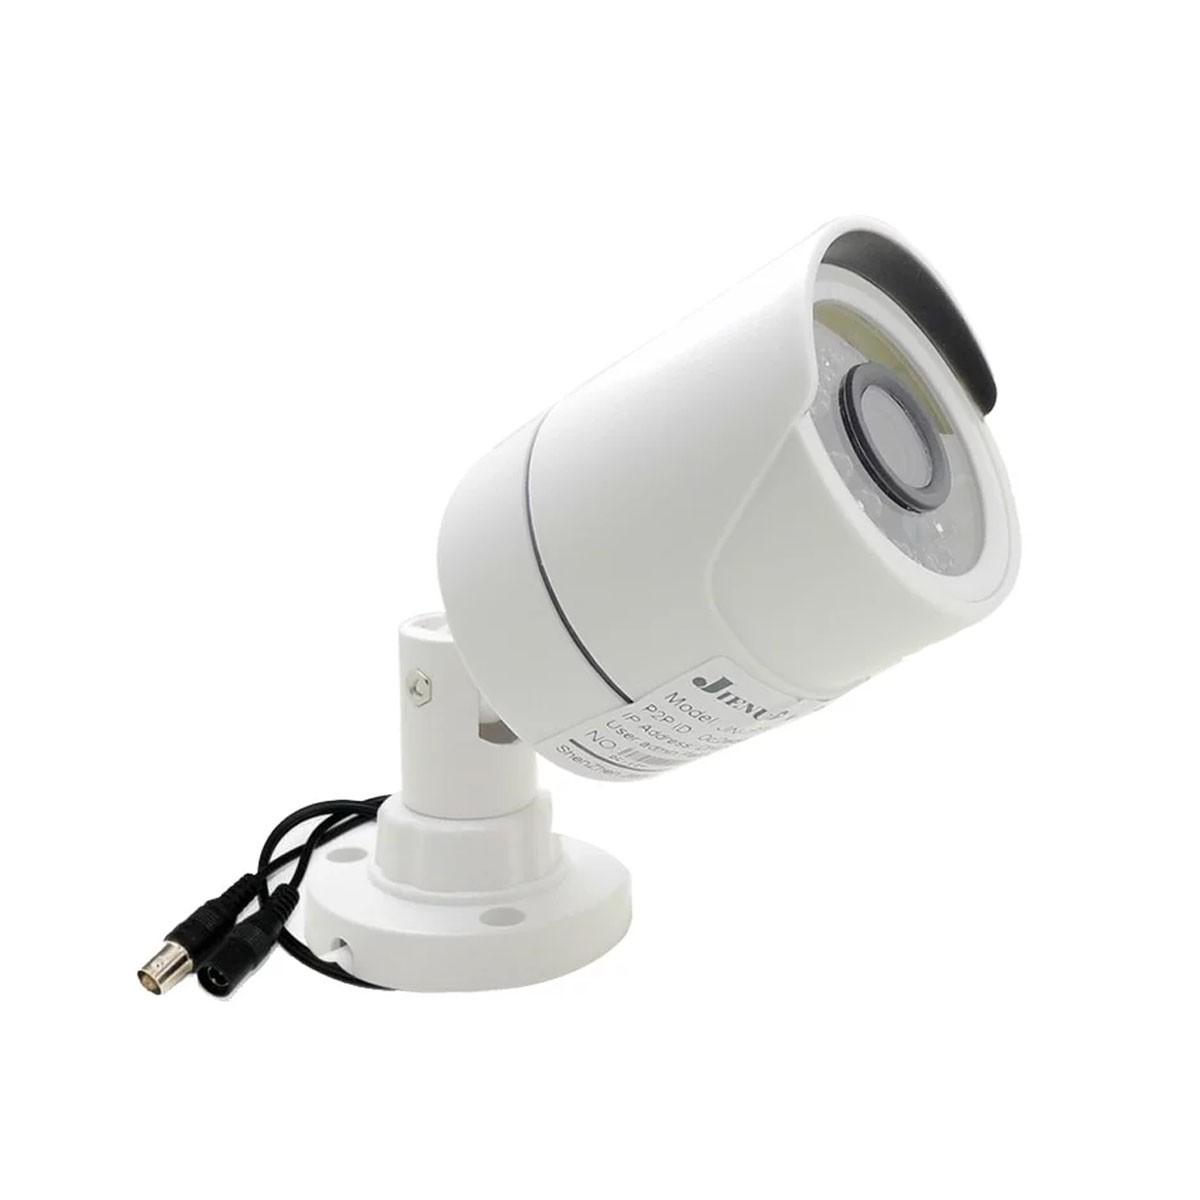 Kit 3 Cameras De Segurança Infra Ahd 720p Com 50mts Cabo E Fonte